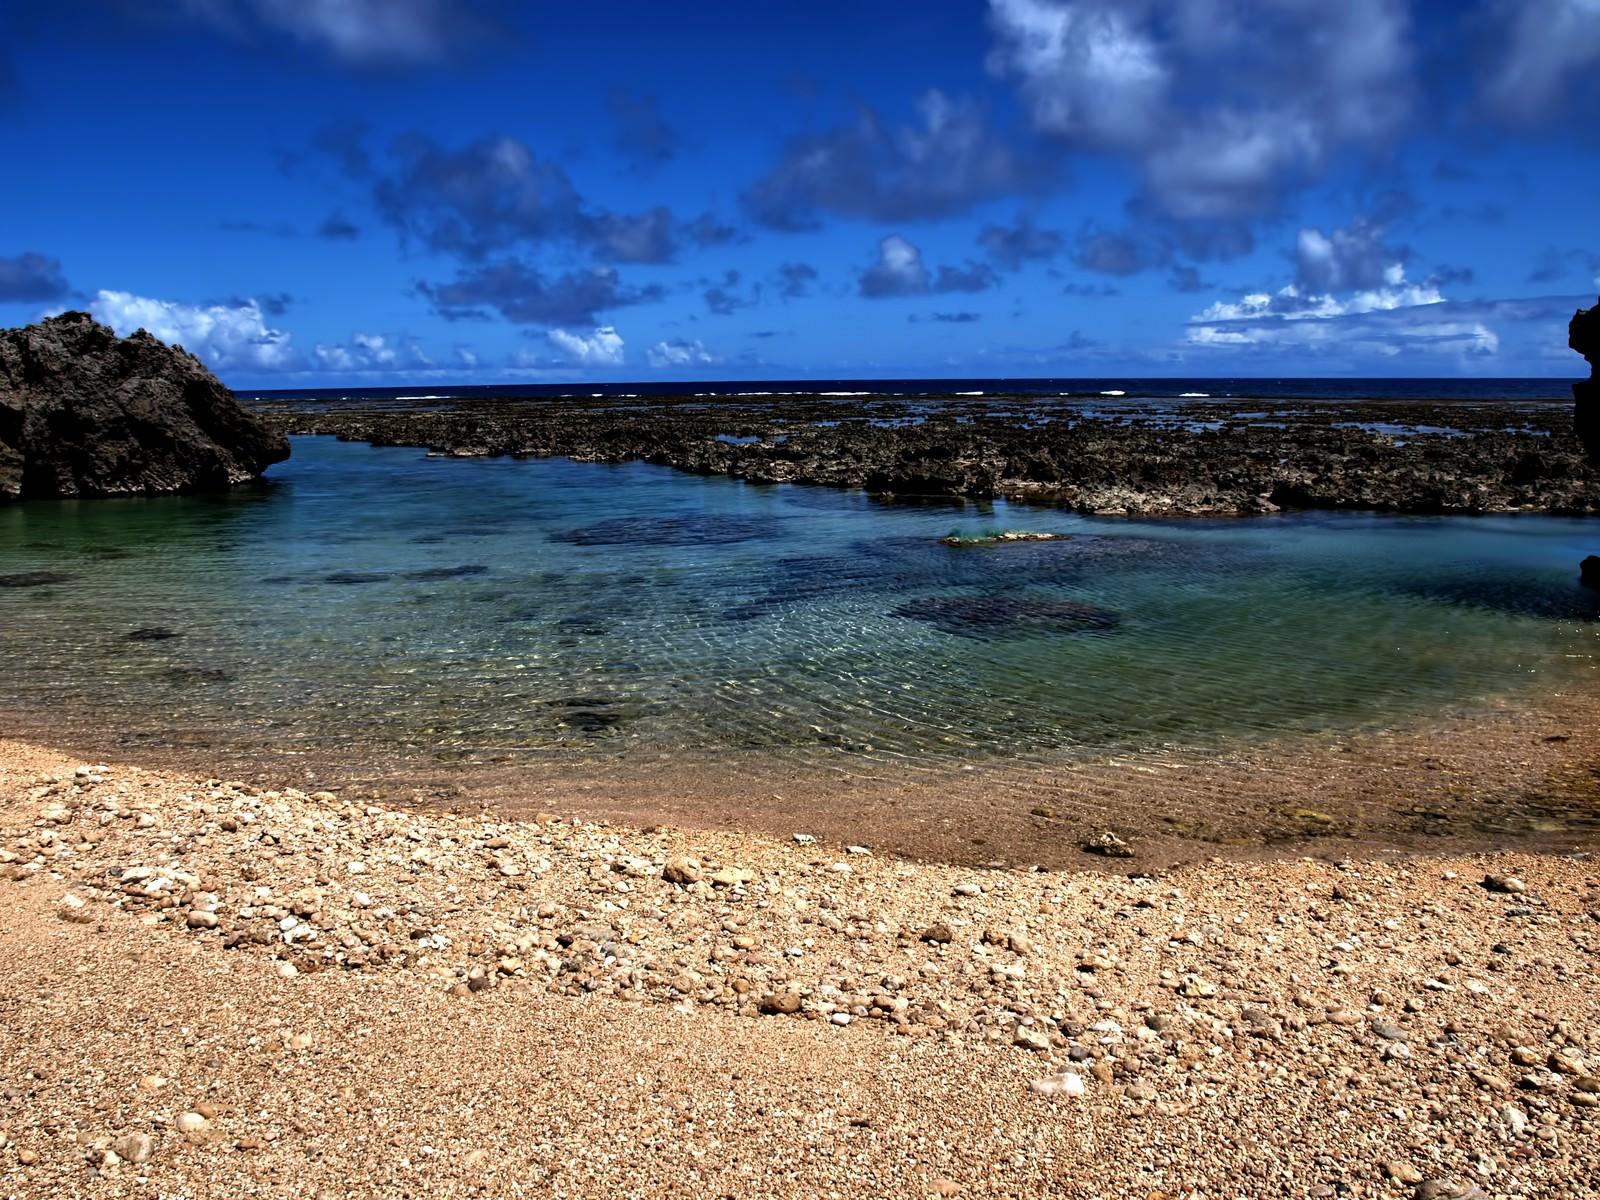 「沖縄の透き通る海と砂浜沖縄の透き通る海と砂浜」のフリー写真素材を拡大